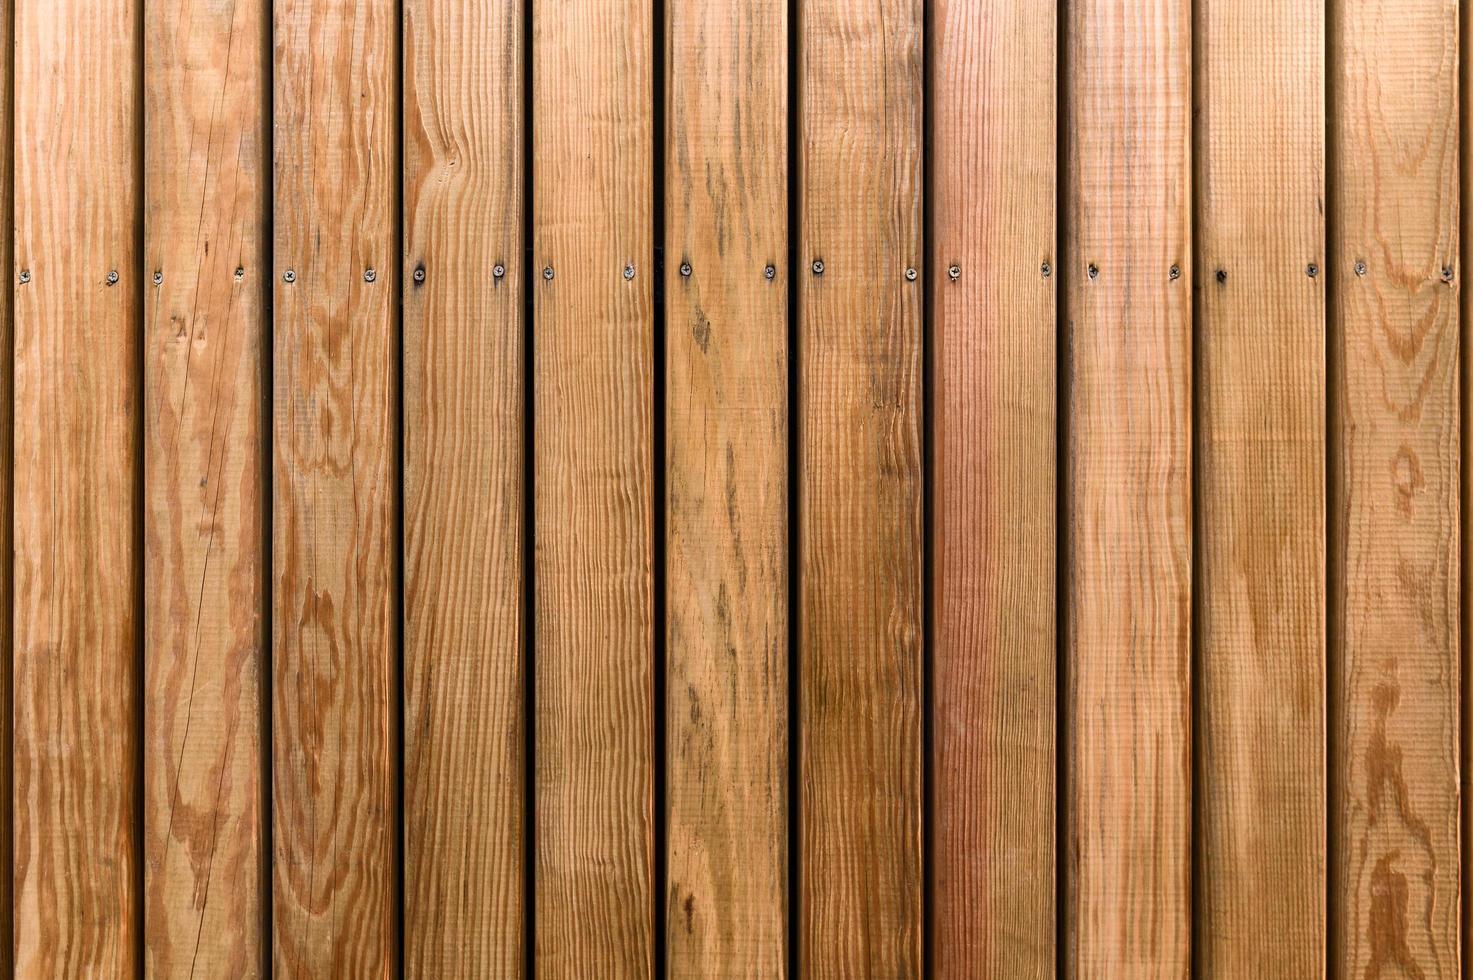 parede de madeira envelhecida foto